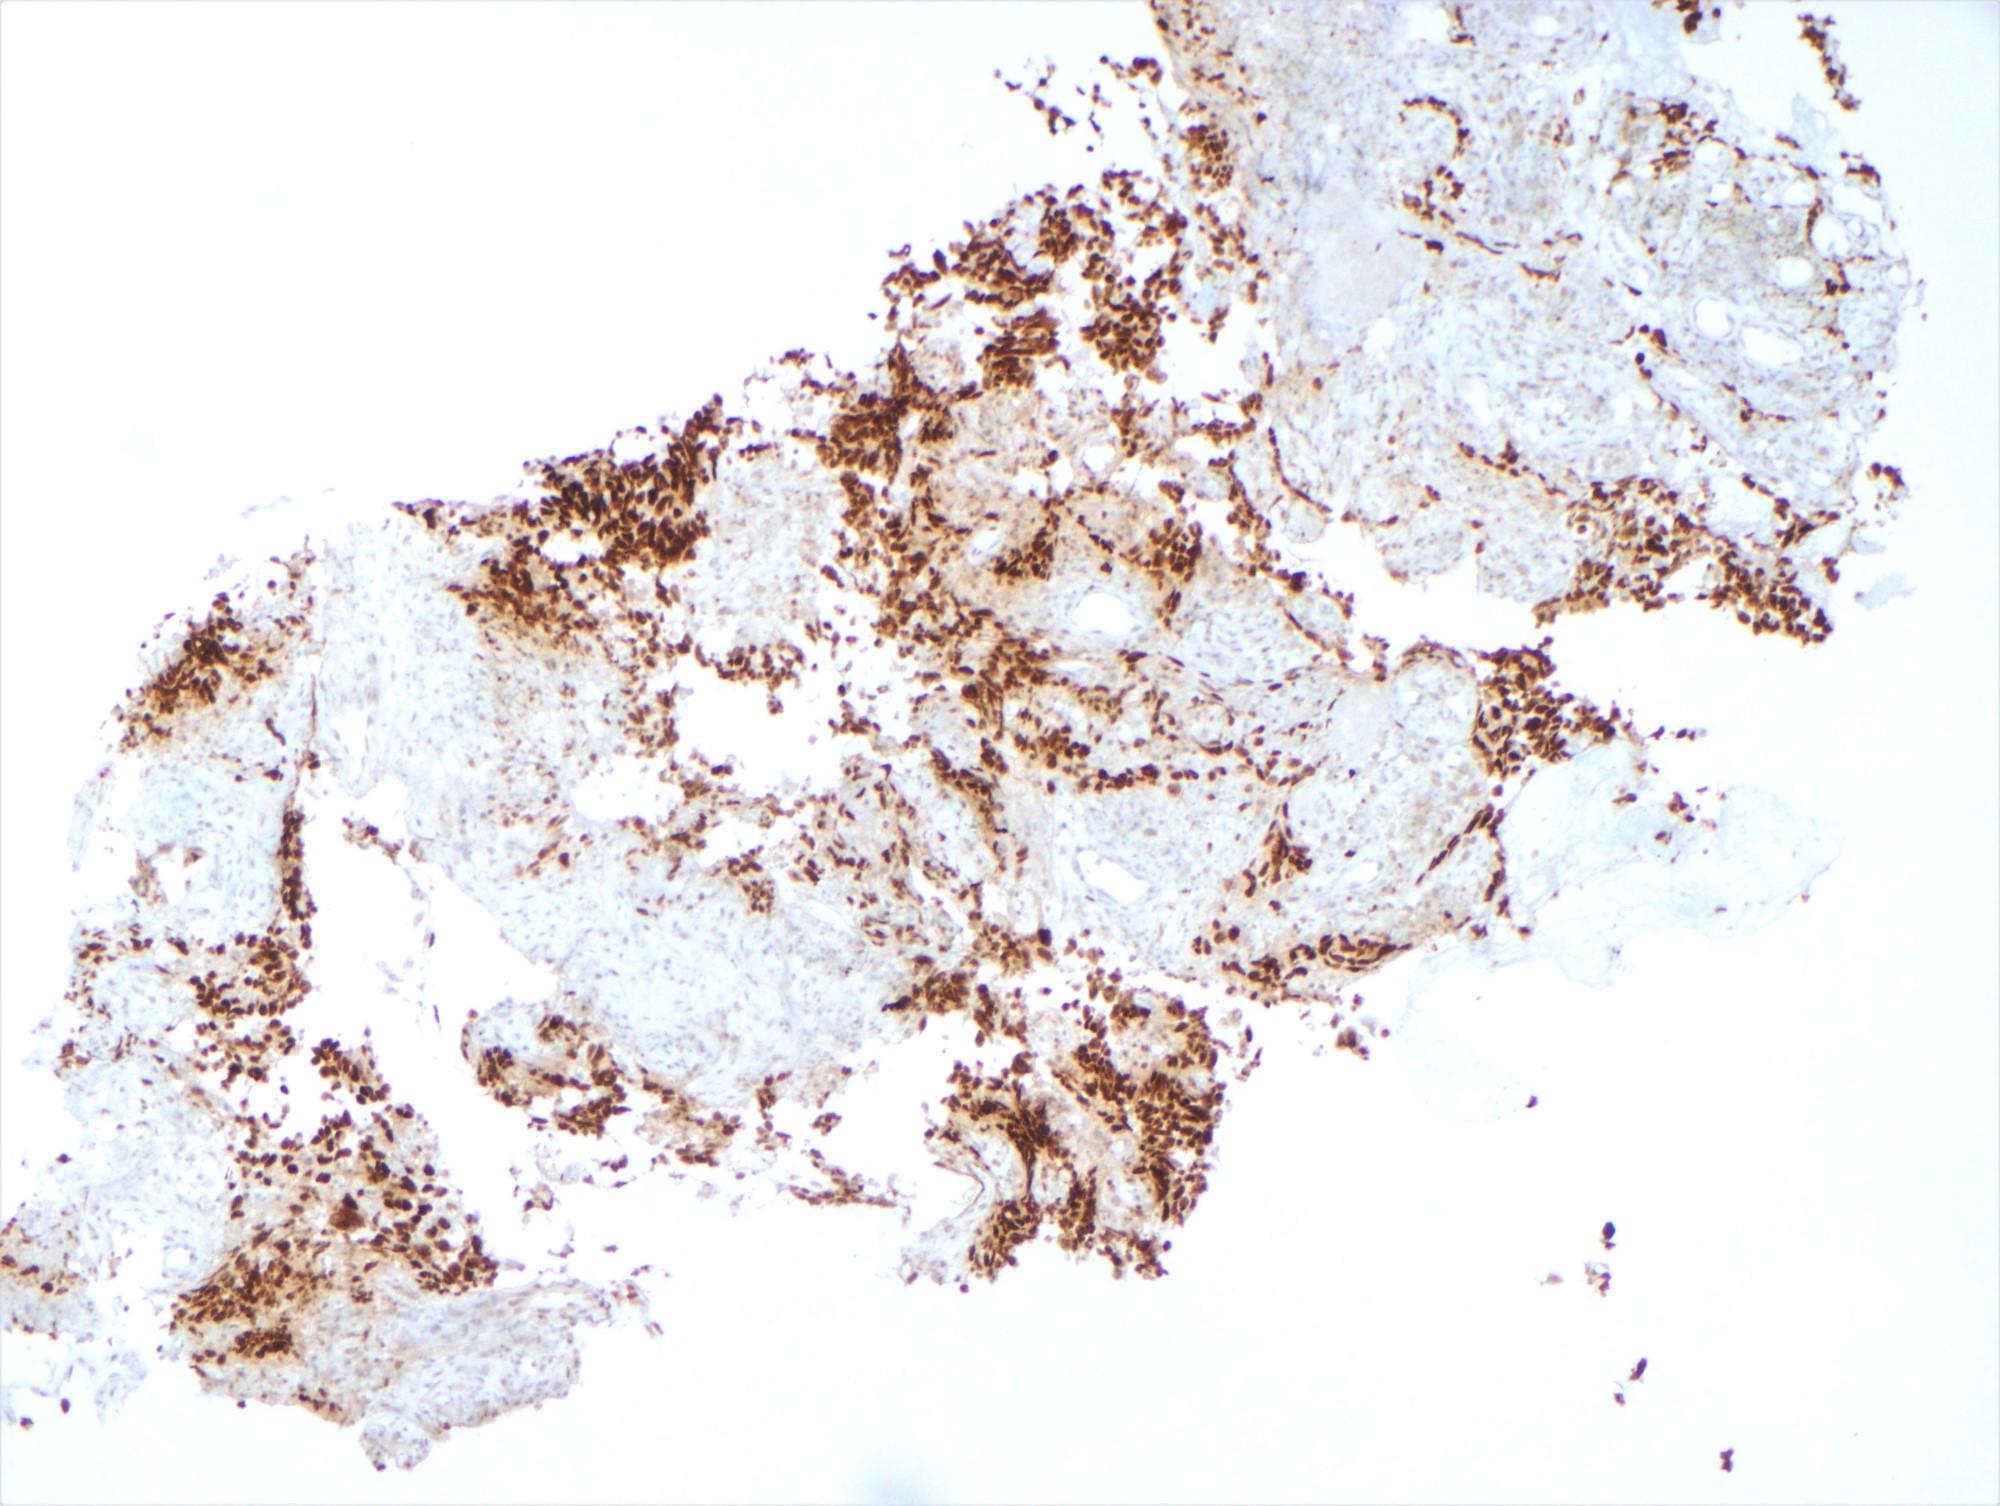 Metastatic ovarian serous carcinoma